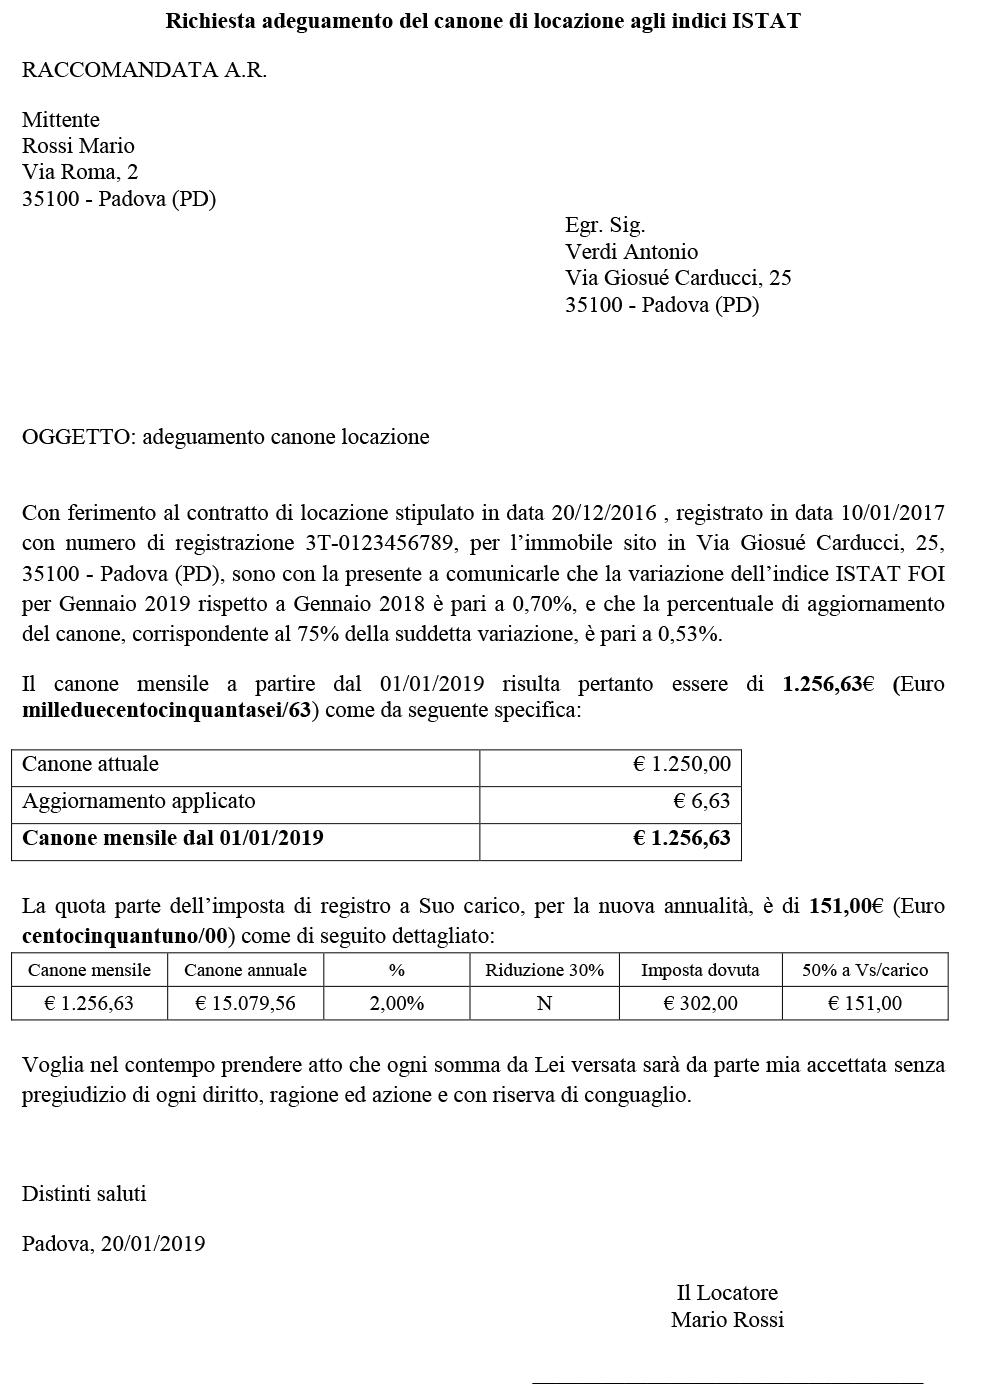 Lettera Aggiornamento Canoni Locazione e Imposta di Registro - Immagine 4 / 4